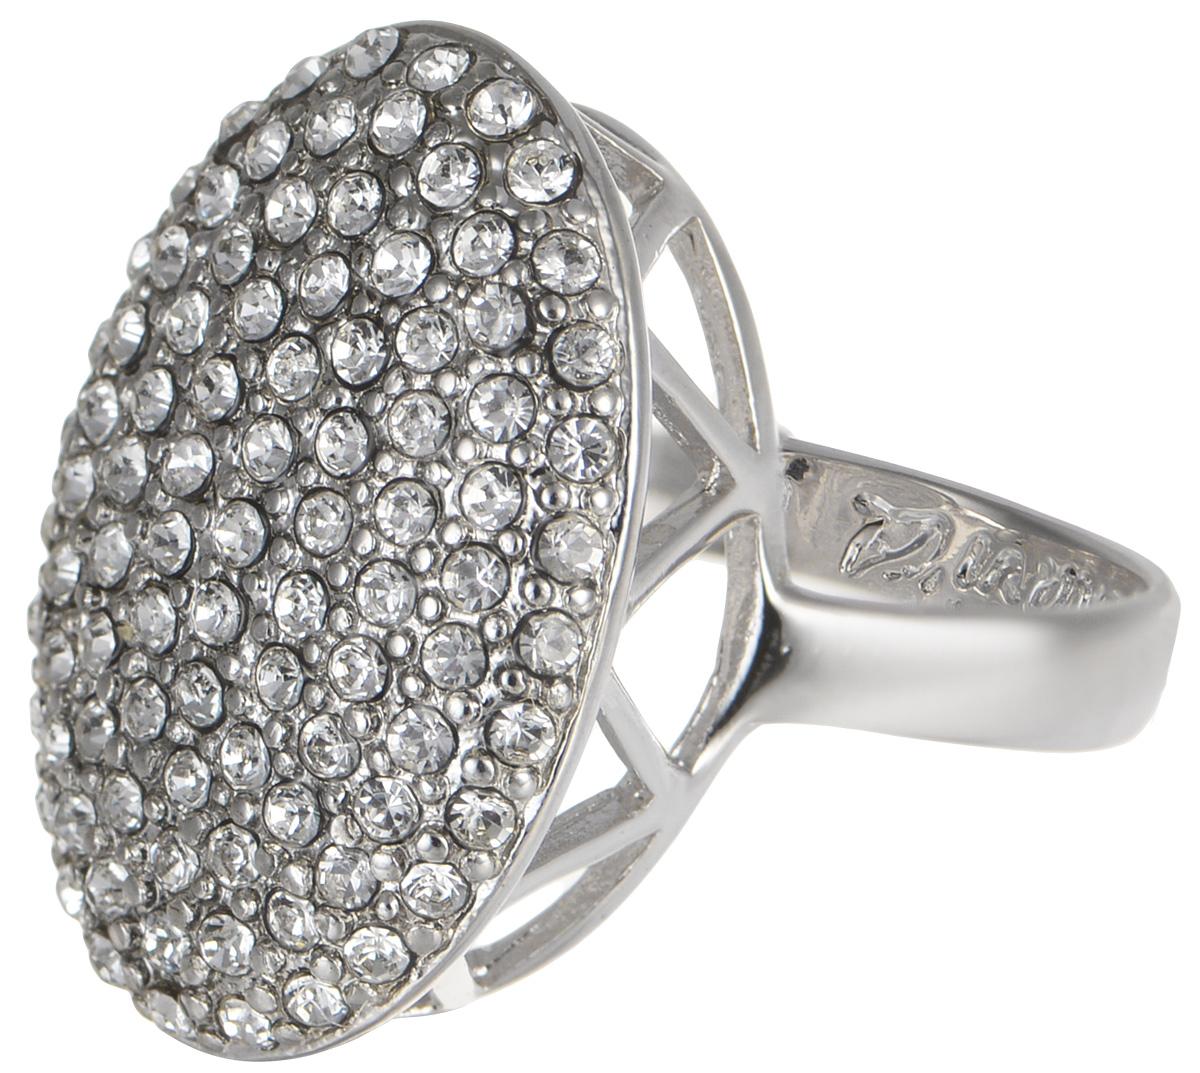 Кольцо Jenavi Мириада. Гросс, цвет: серебро. r633f000. Размер 19r633f000Кольцо Jenavi Гросс из коллекции Мириада изготовлено из гипоаллергенного ювелирного сплава с покрытием родием и украшено яркими кристаллами Swarovski. Это кольцо никогда не затеряется среди других ваших украшений, ведь сверкающие кристаллы Swarovski и покрытие из настоящего родия выглядят роскошно и очень дорого. Кроме того, его изысканный дизайн так выгодно подчеркивает достоинства кристаллов, что они не уступают своей красотой драгоценным камням. В новой коллекции Мириада - бесчисленное количество кристаллов Swarovski разных размеров, цветов и оттенков. Они вдохновляют - на романтическое настроение, на смелые поступки, на позитивные эмоции. Они придают новое толкование всем известной истины - красоты никогда не бывает много! Мириада от Jenavi - удовольствие, которое может длиться вечно.